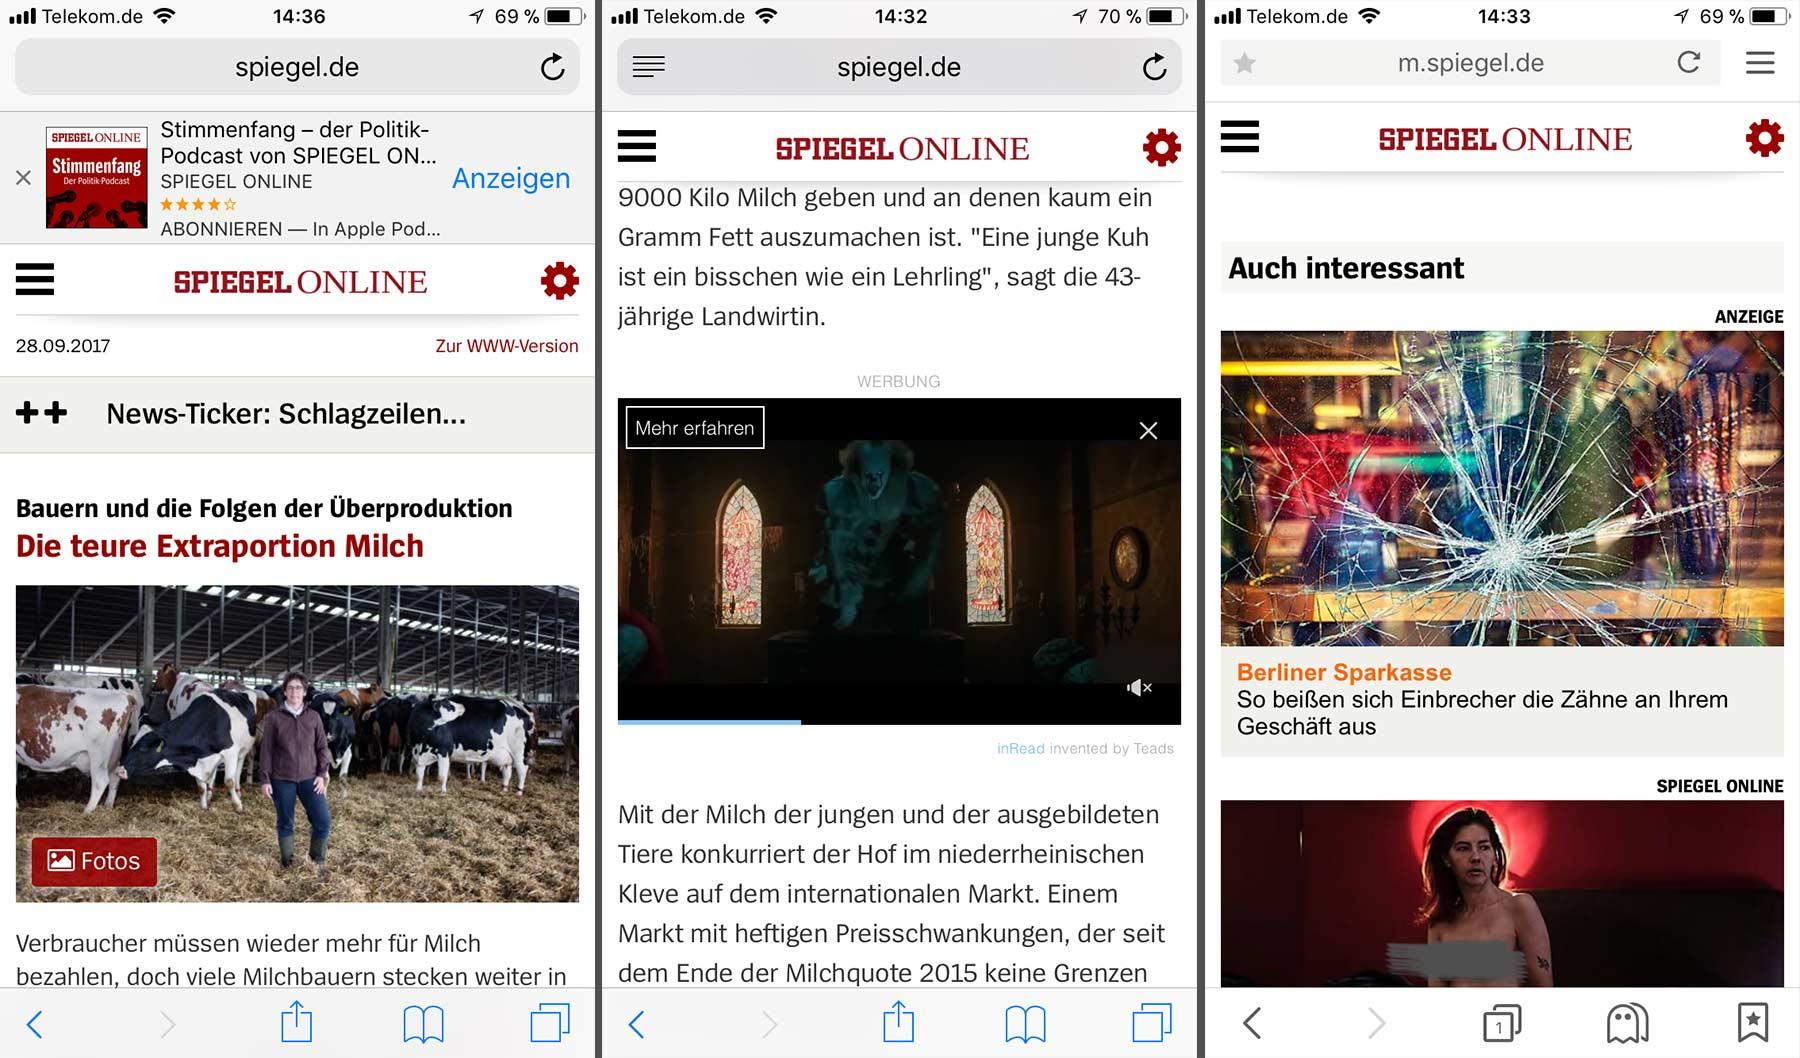 Werbefrei mobil surfen mit dem Adblock Browser 2.0 Adblock-Browser-Test_12